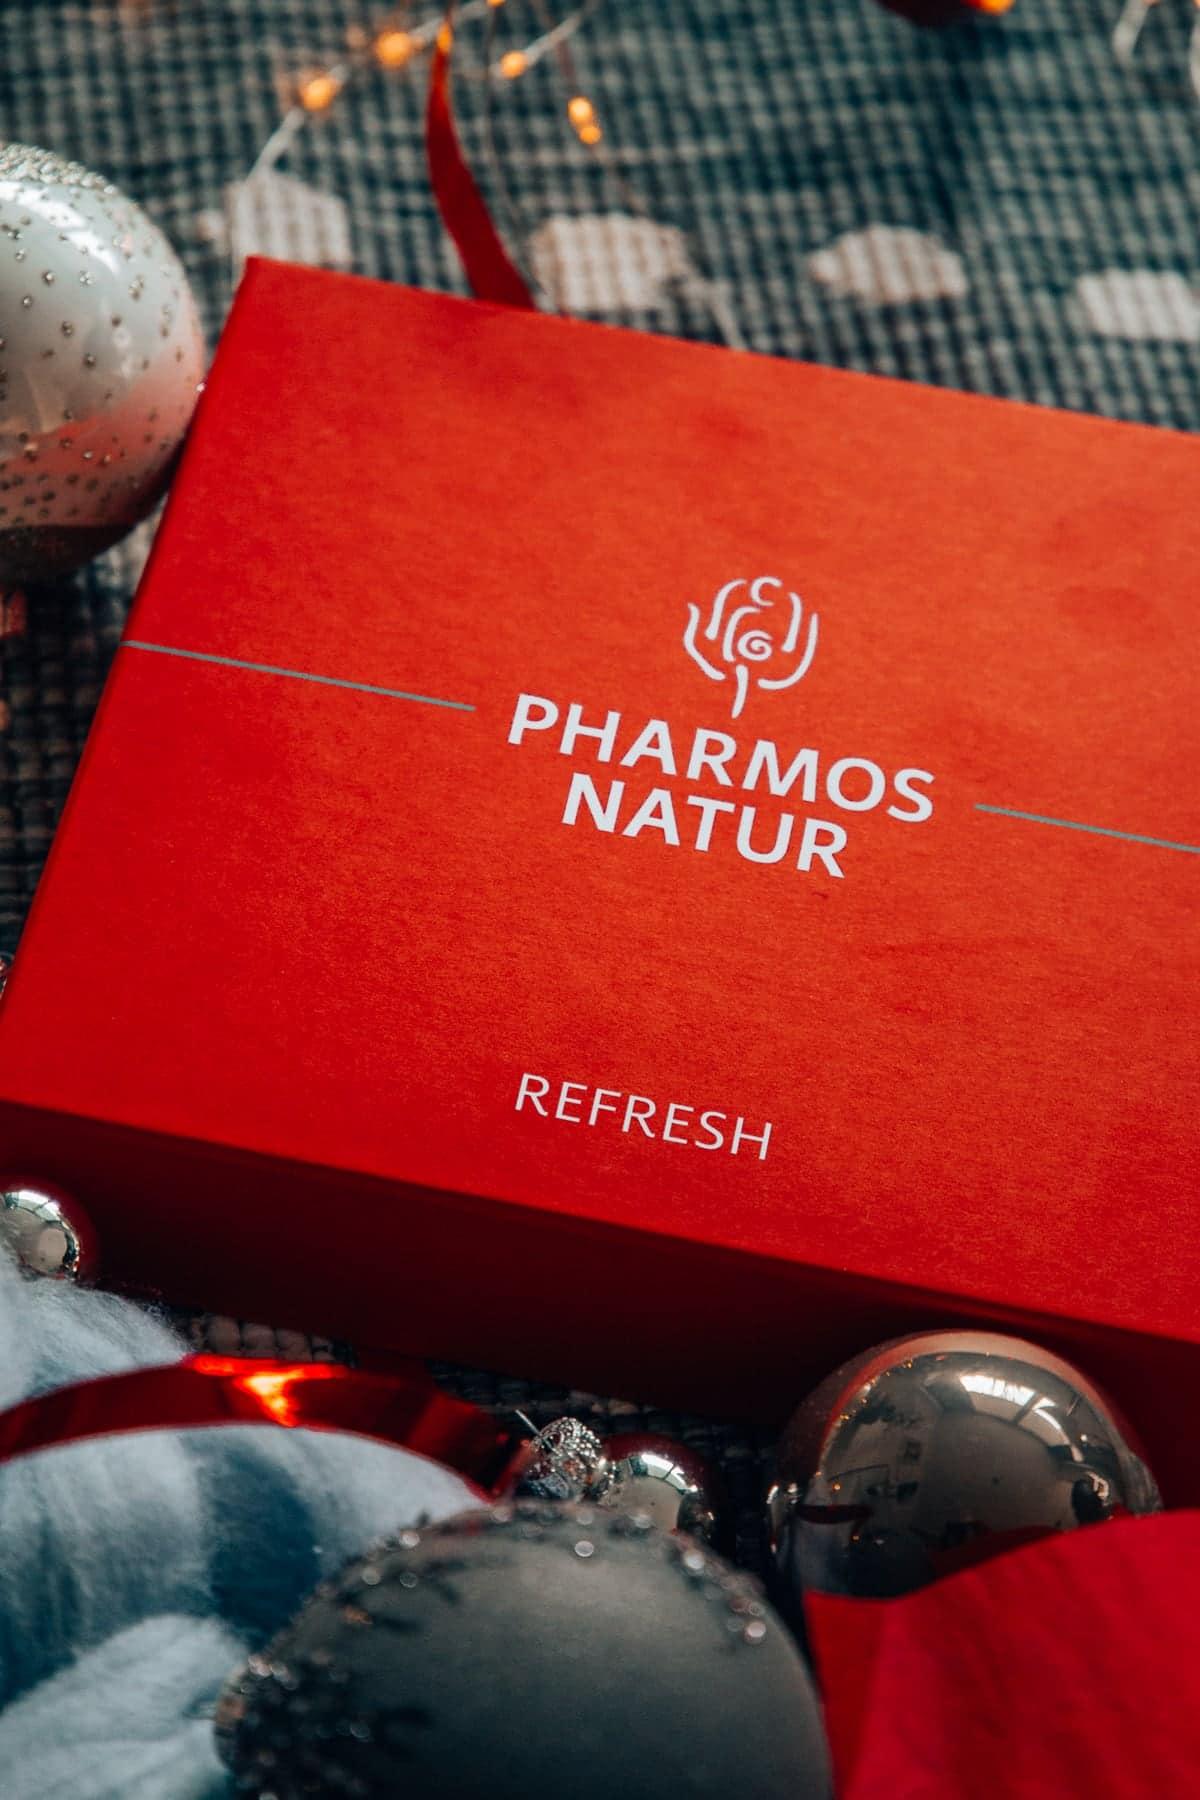 Adventskalender Türchen 24: 3x Pharmos Natur Sets im Wert von 370 Euro